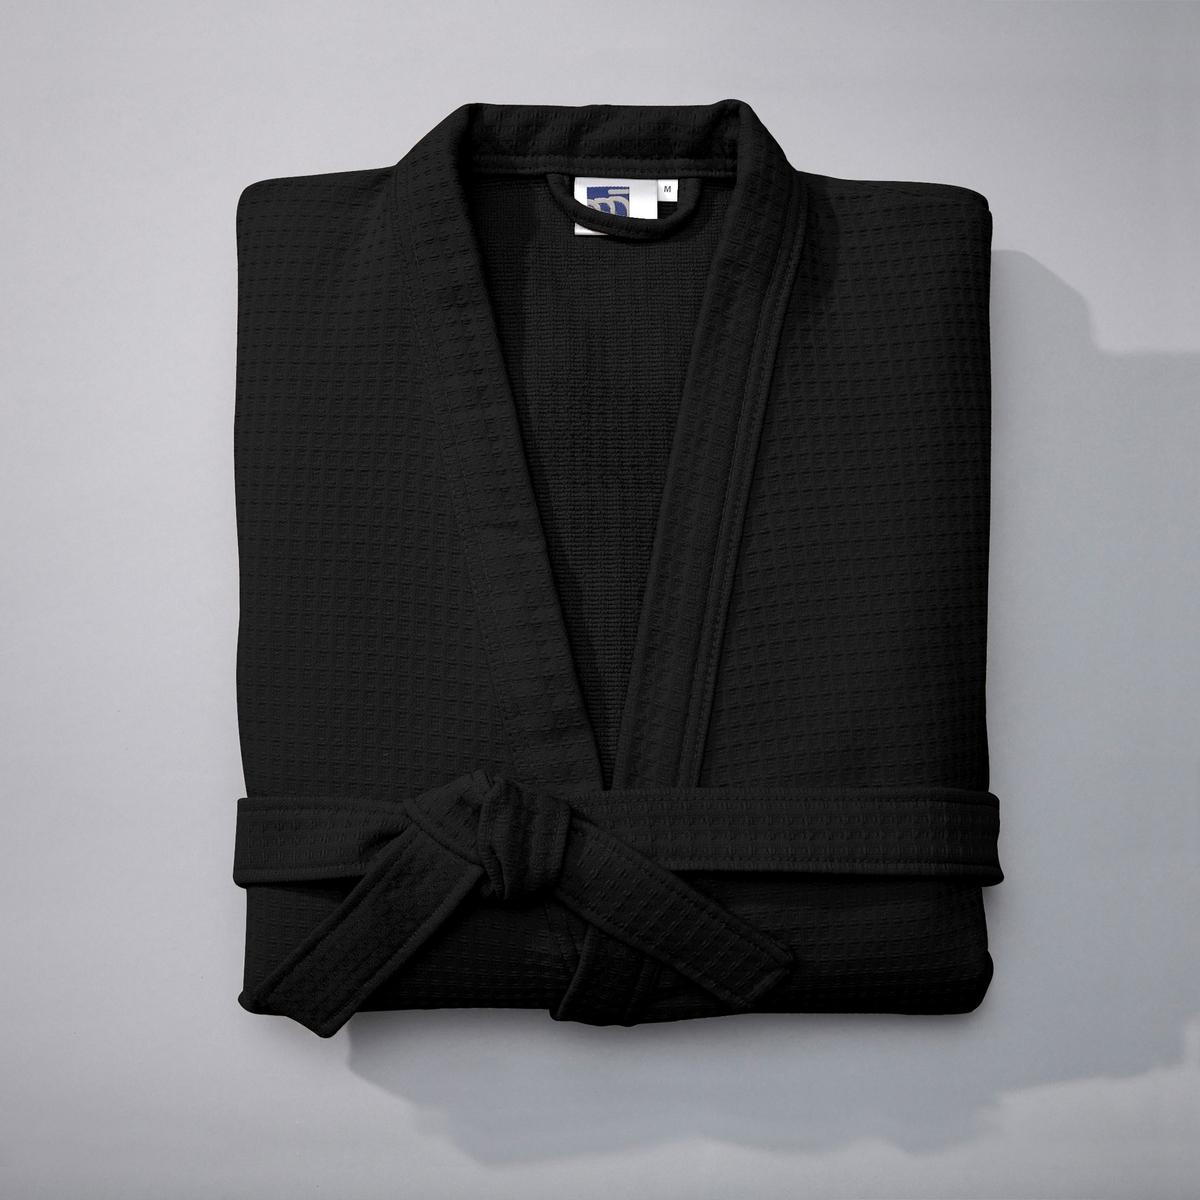 Халат из вафельной ткани, 400 г/м?Характеристики халата из 100% хлопка (400 г/м?)   : Вафельная ткань с внешней стороны, махровая - с внутренней .Воротник-кимоно, приподнятые рукава, накладные карманы, пояс со шлевками .Длина 110-113 см, в зависимости от объема талии .Машинная стирка при 60 °С.<br><br>Цвет: черный